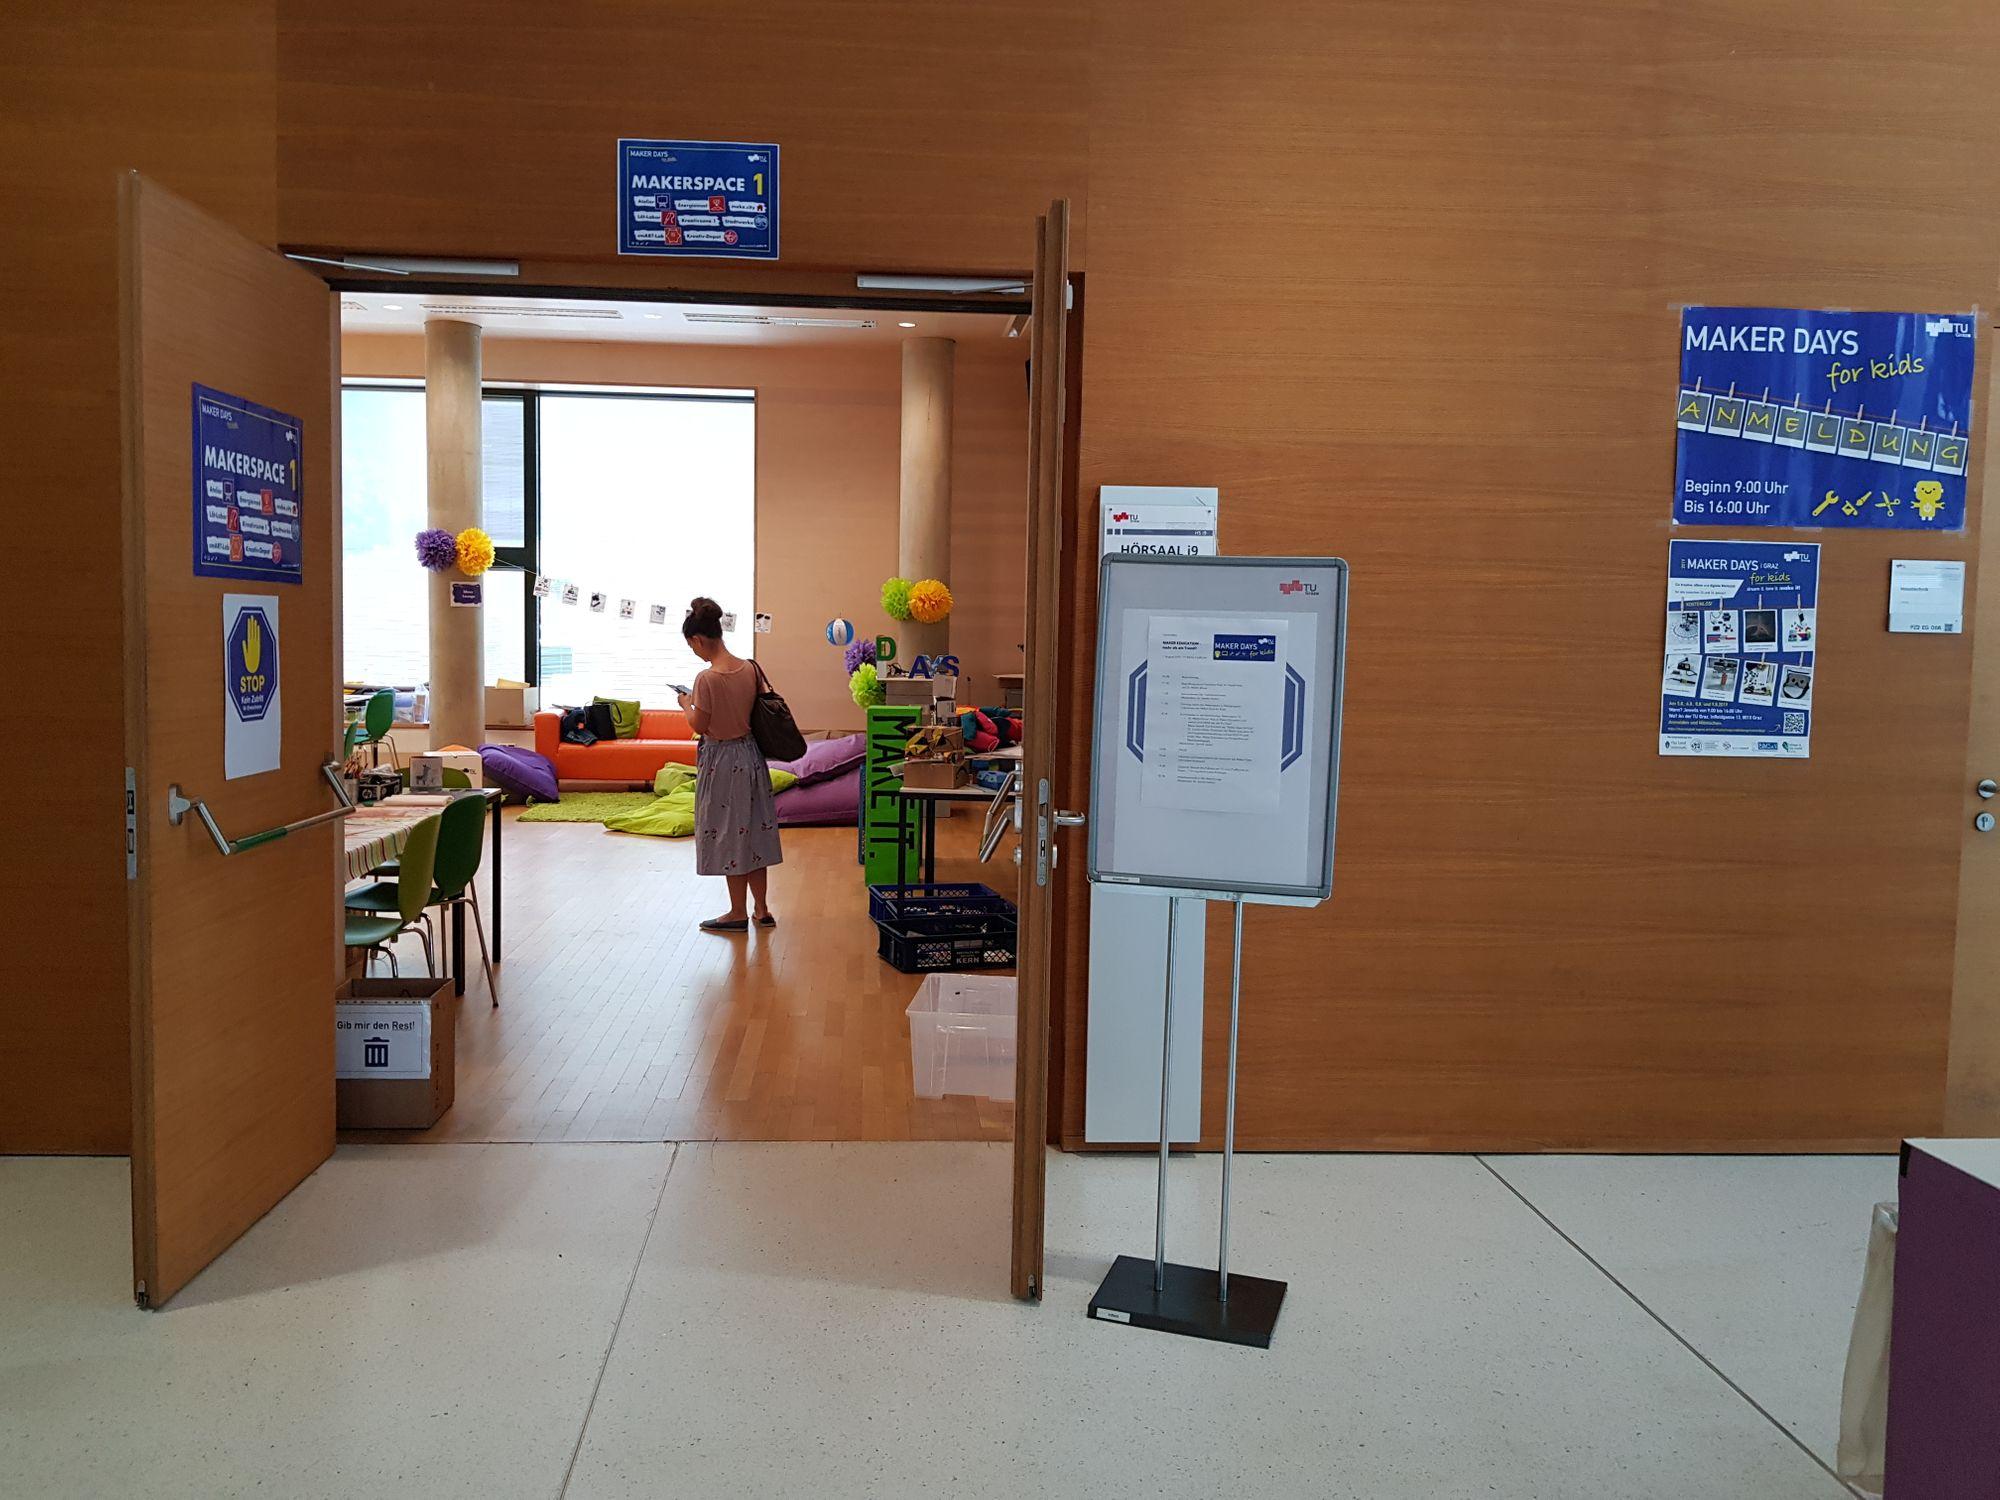 Der Eingang zum Makerspace 1